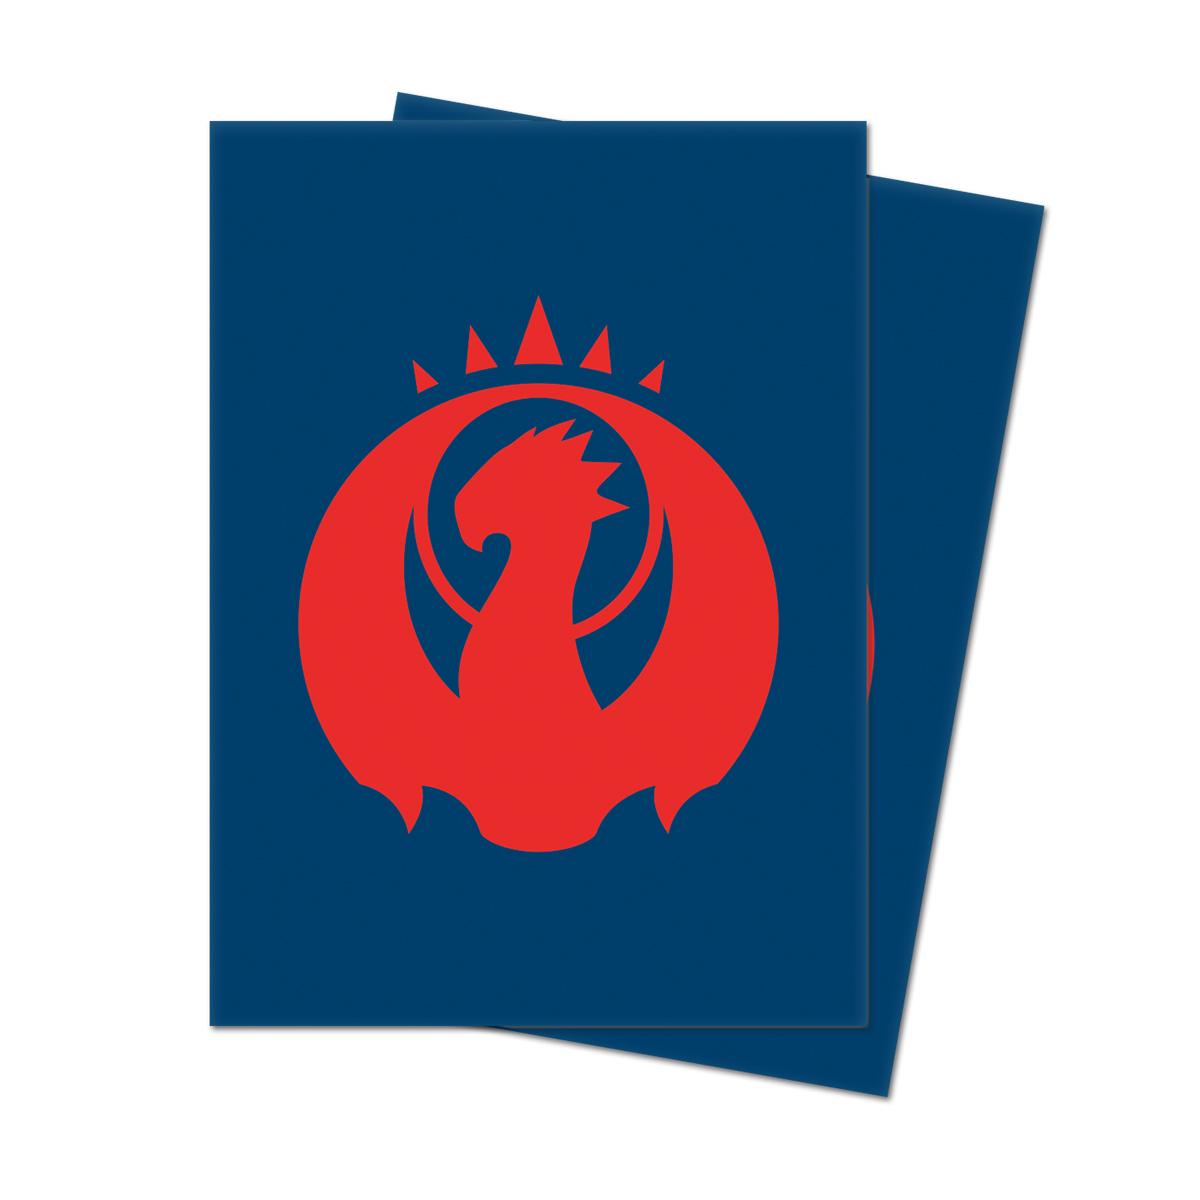 PP34414-751 Aquaman - Maxi Poster 61cm x 91.5cm Teaser